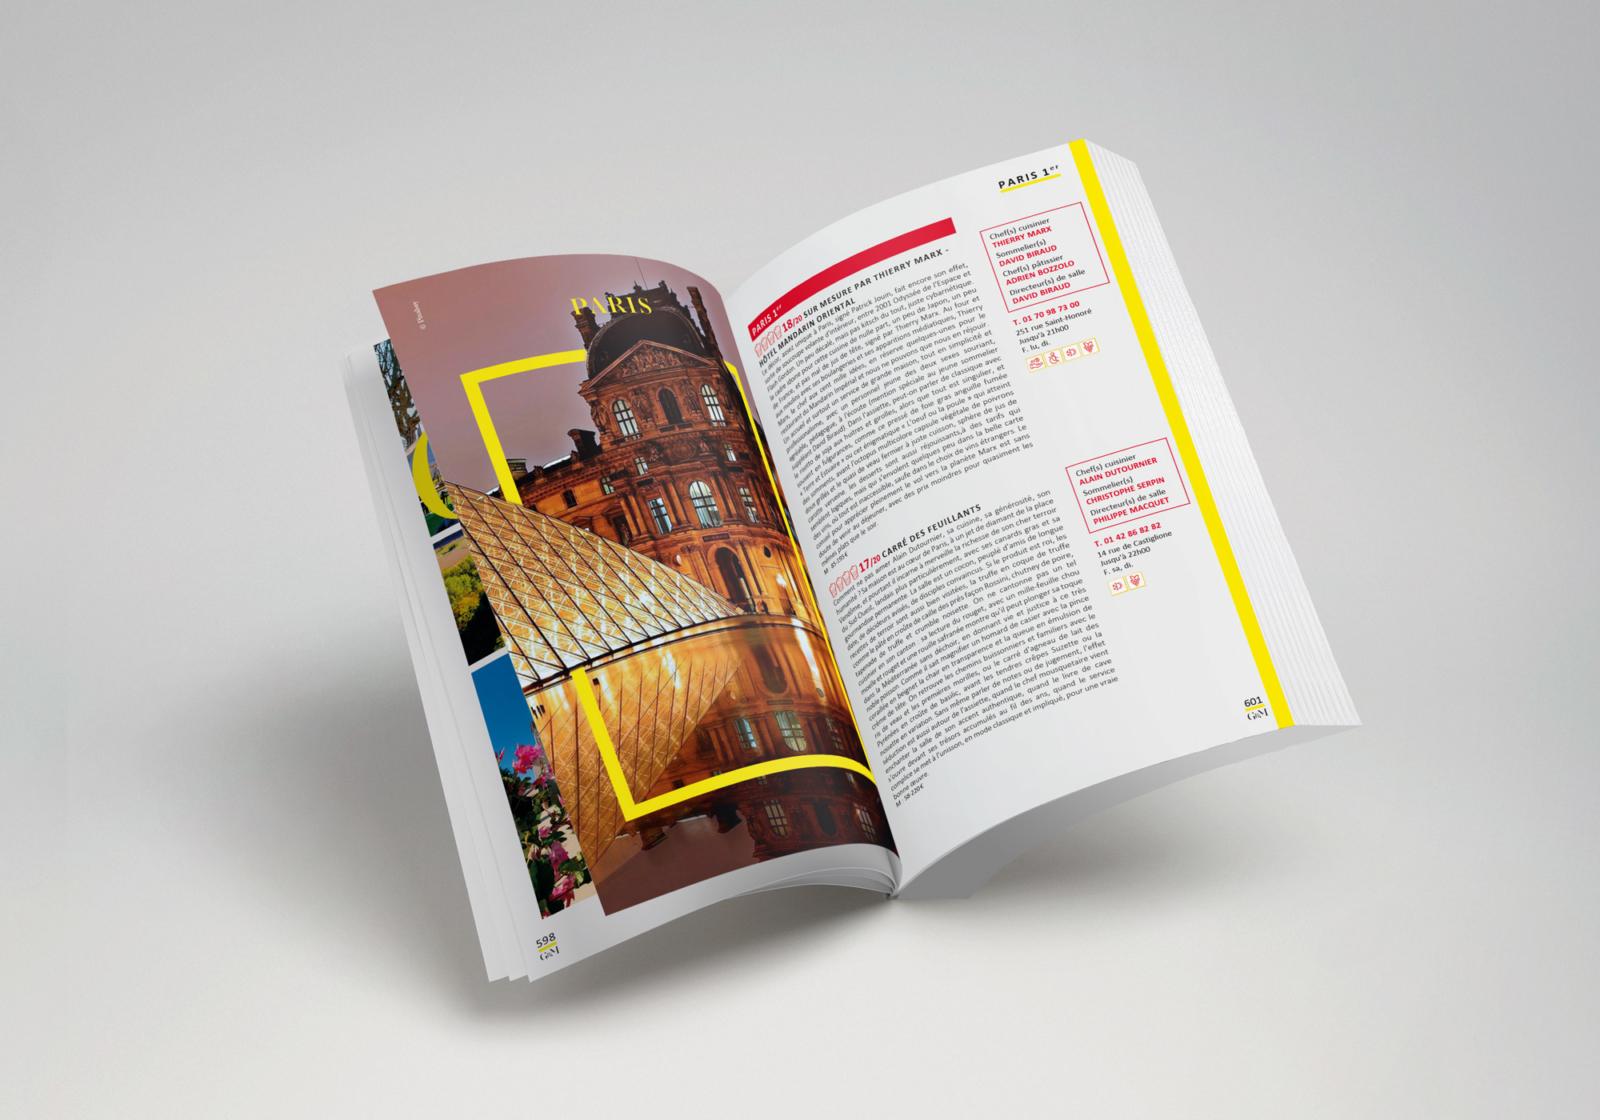 Gault&Millau - Un design pensé par l'agence de design de Paris Partisan du Sens.